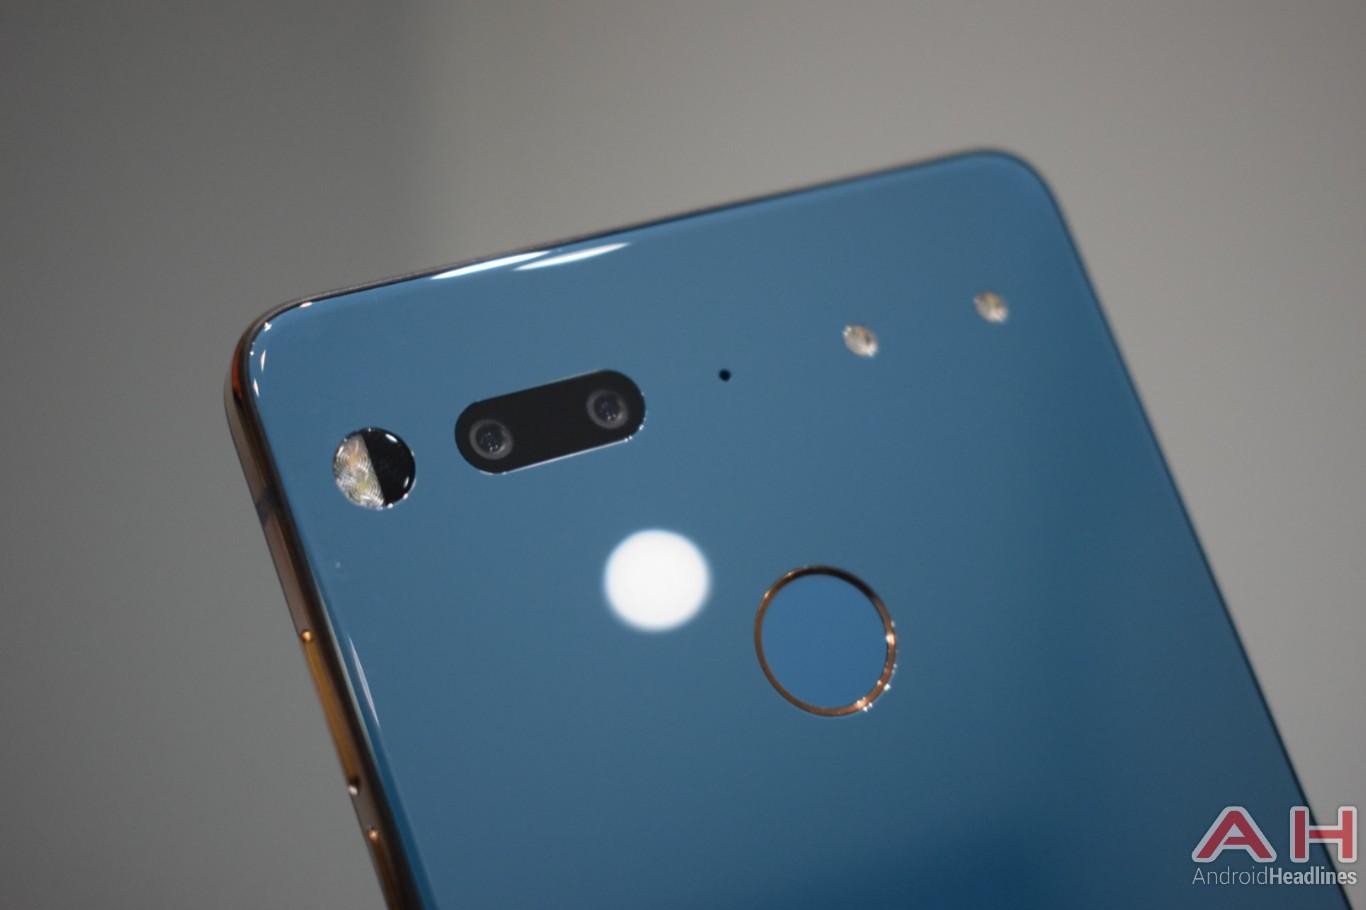 Top 10 Best Android Smartphones – August 2018